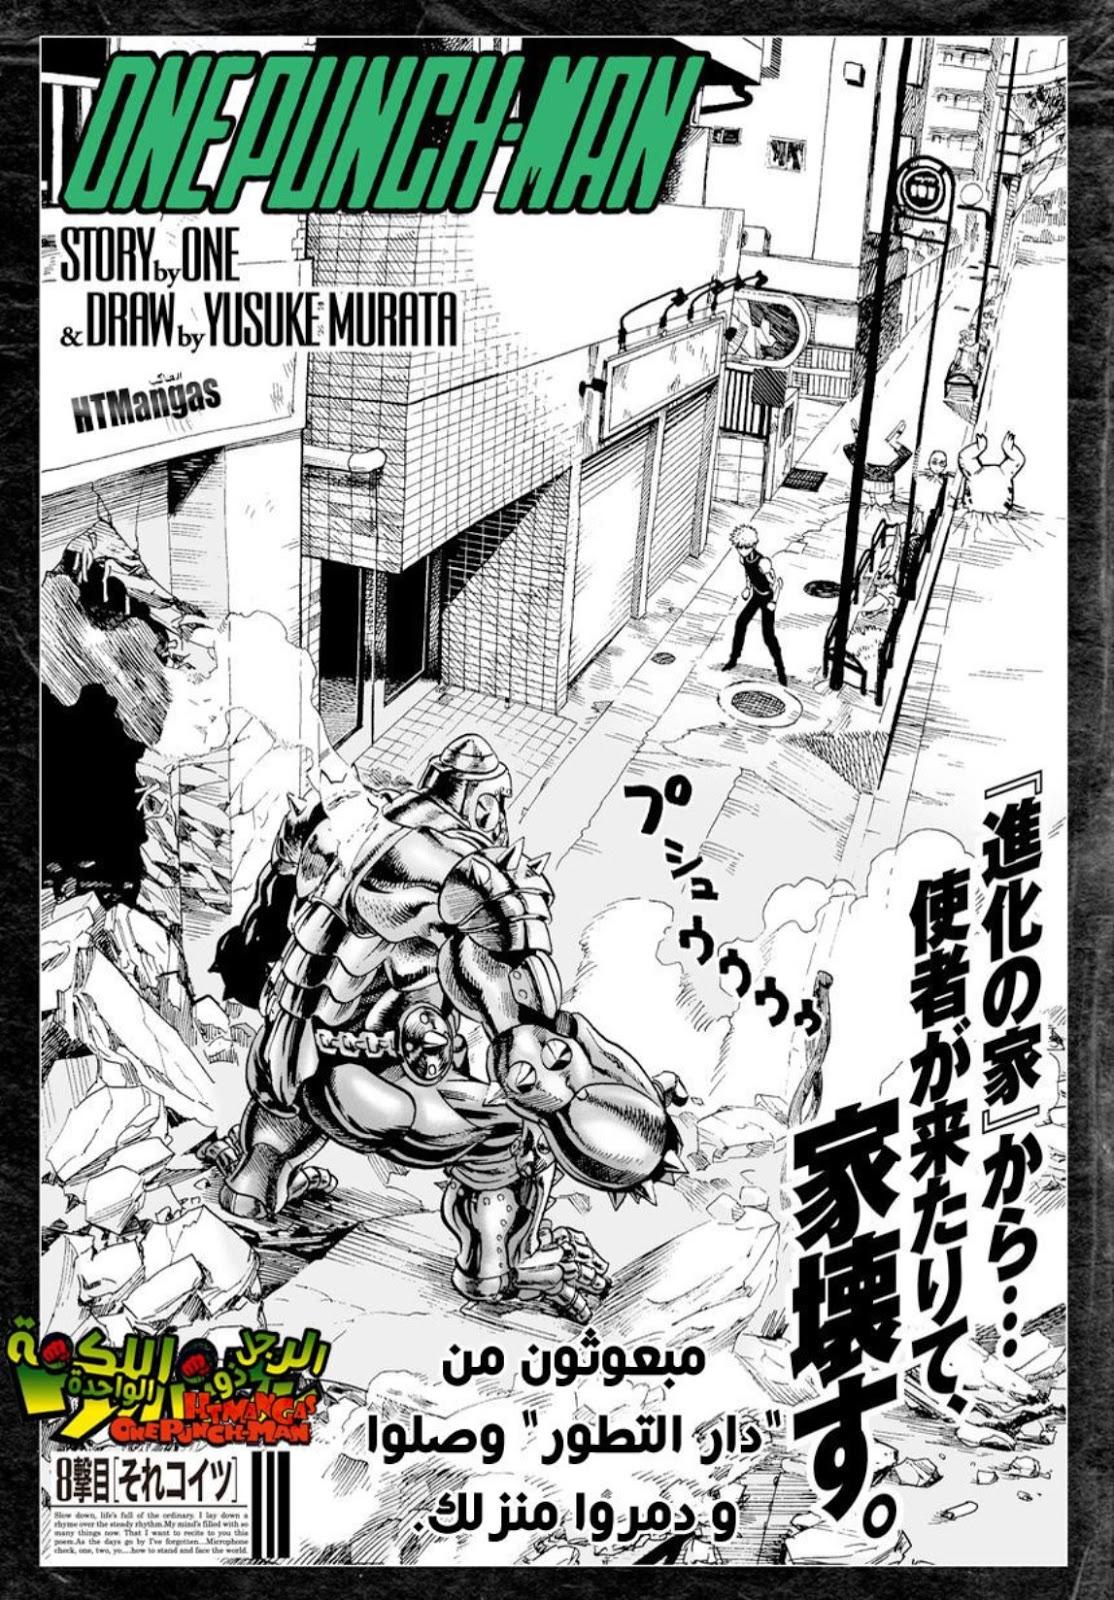 ون بنش مان One Punch Man الحلقة 8